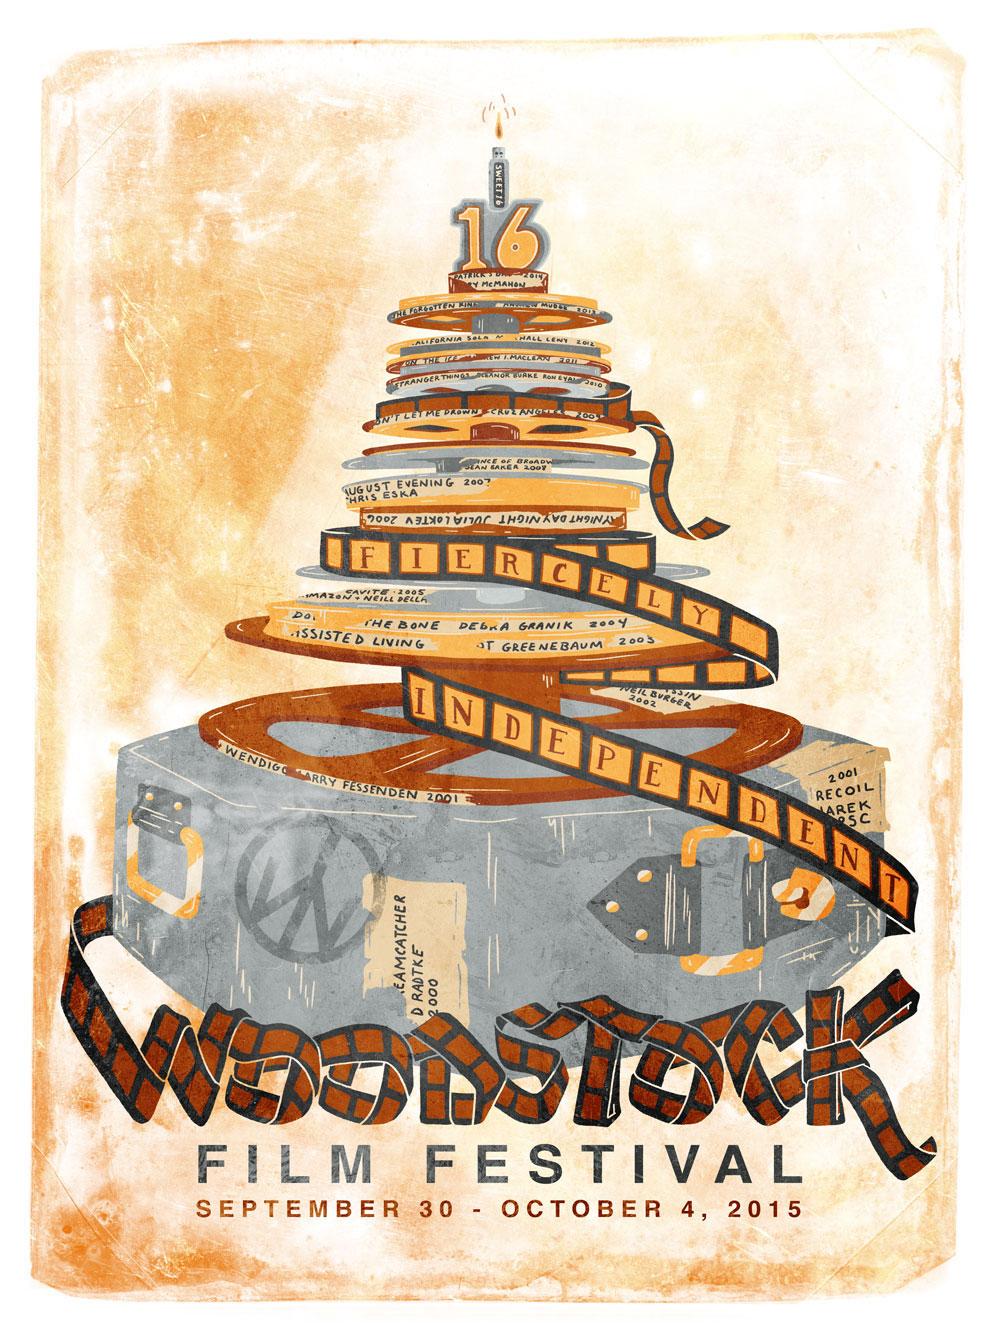 2015 Woodstock Film Festival Official Poster Art by JOY + NOELLE